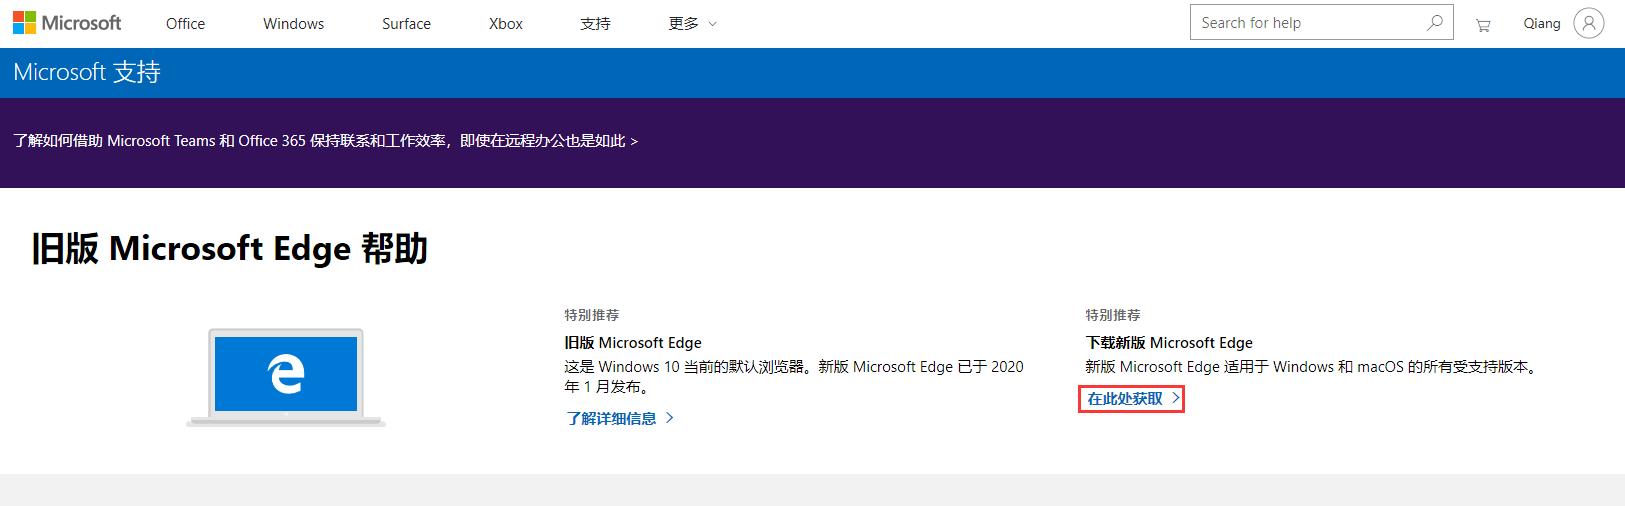 打开 帮助和反馈 - 帮助 页面,这是 Windows 10 当前的默认浏览器。新版 Microsoft Edge 已于 2020 年 1 月发布。下载新版 Microsoft Edge